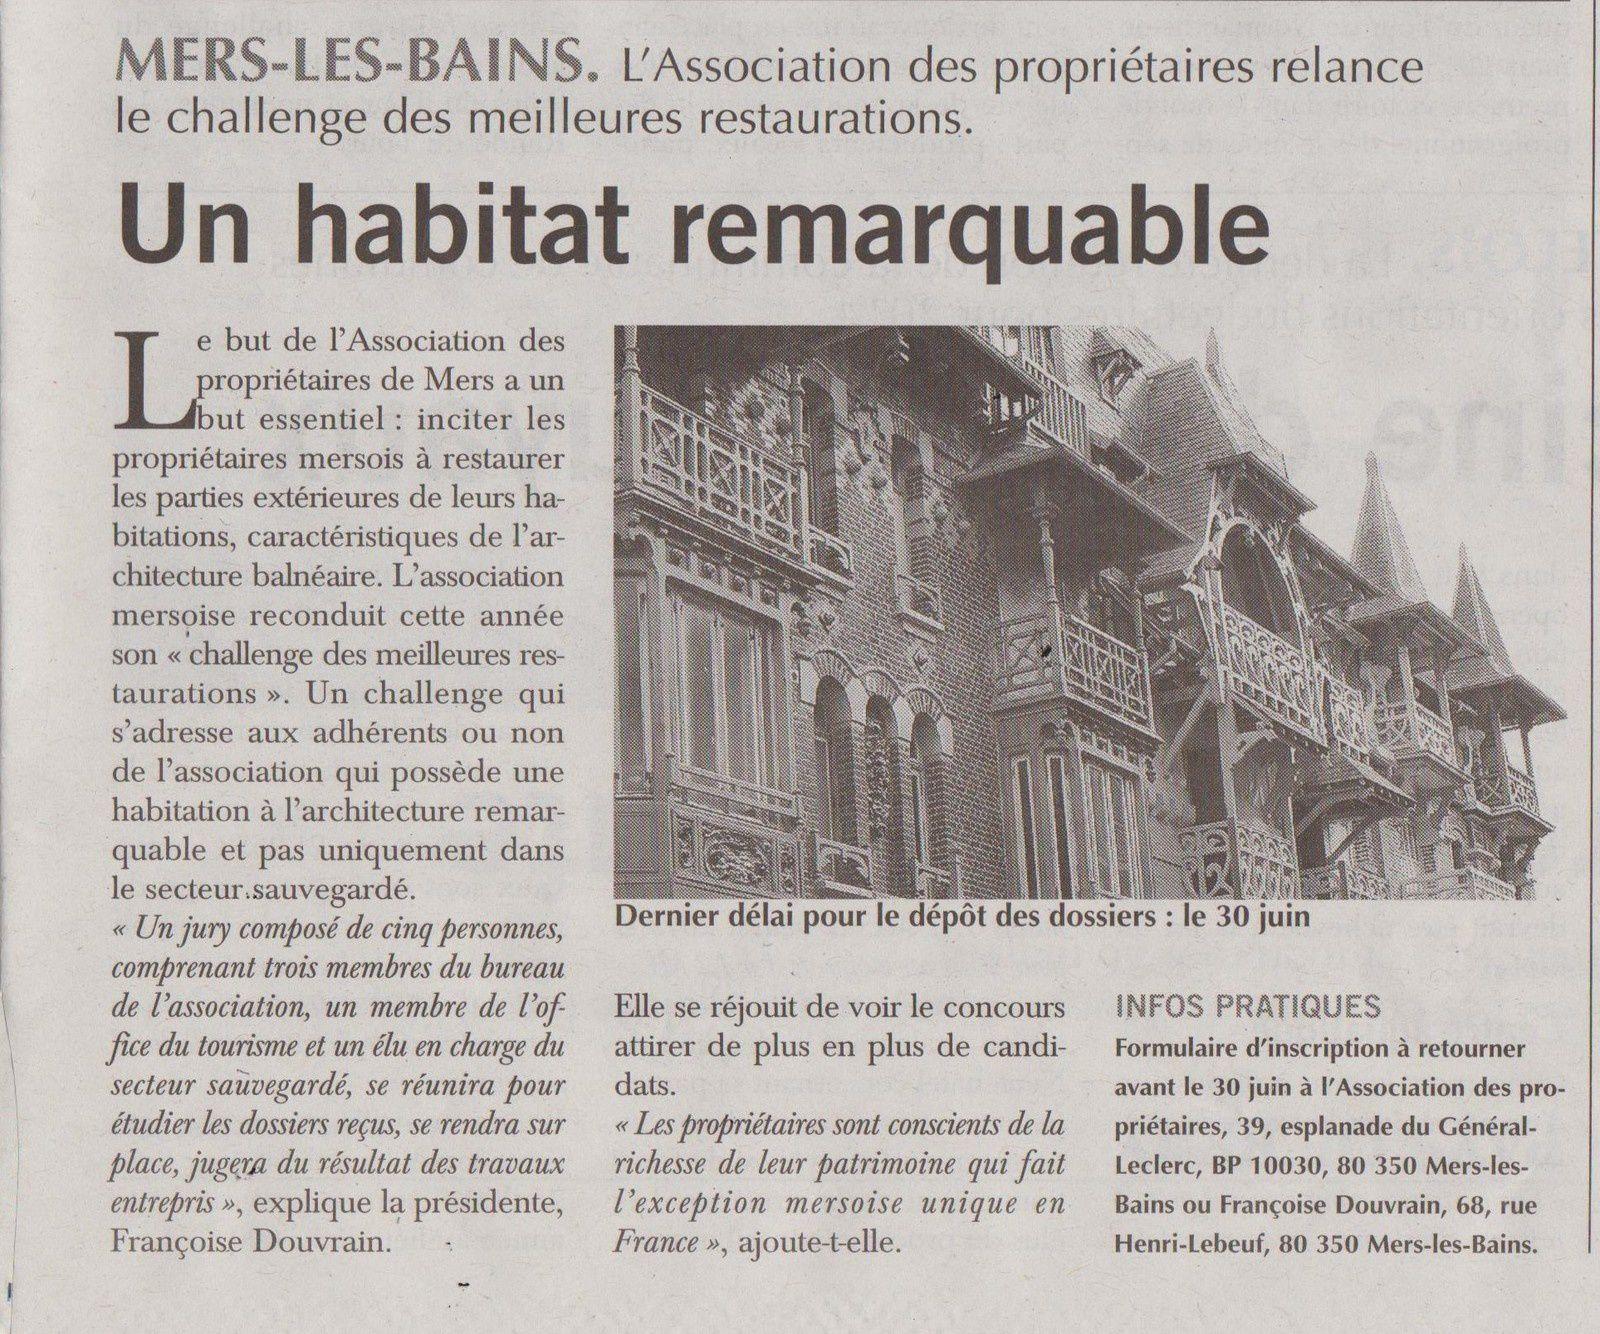 """article de presse """"Paris Normandie"""" 22 mars 2014 - Un habitat remarquable"""